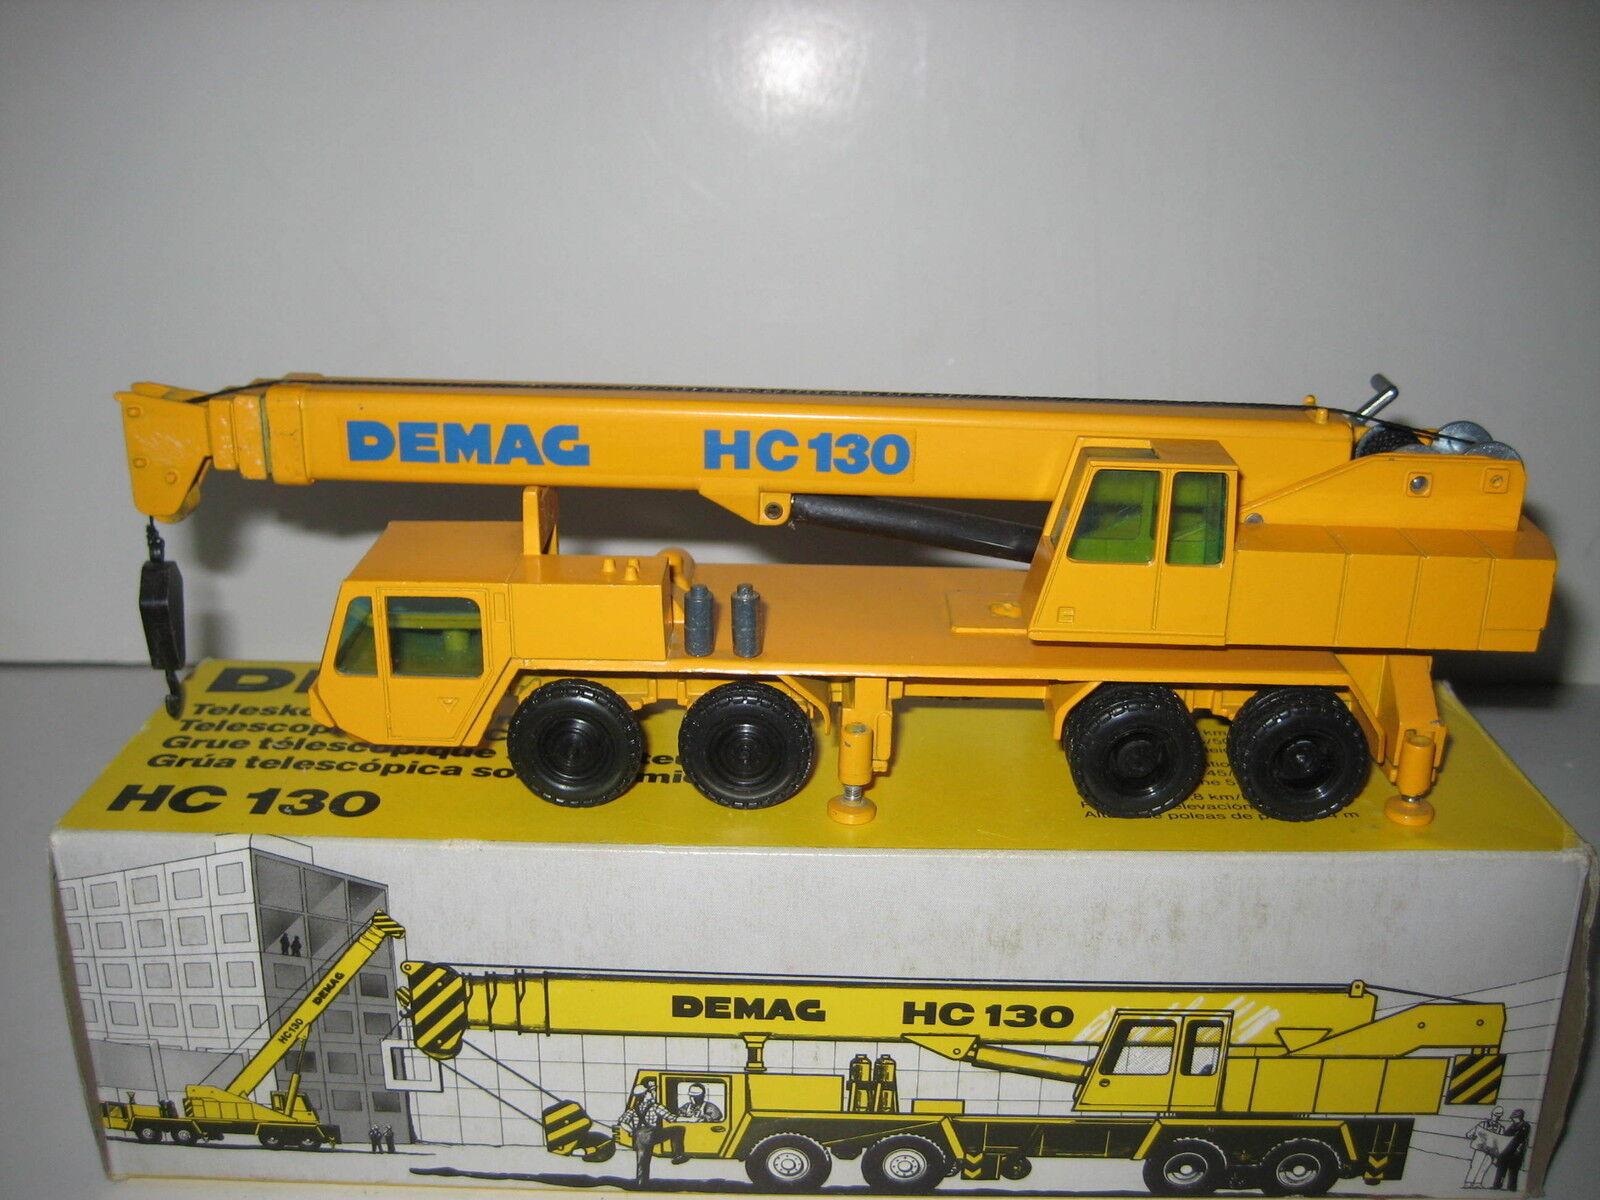 DEMAG DEMAG DEMAG HC 130 Autokran #240 NZG 1:50 neuf dans sa boîte | La Conception Professionnelle  974a94